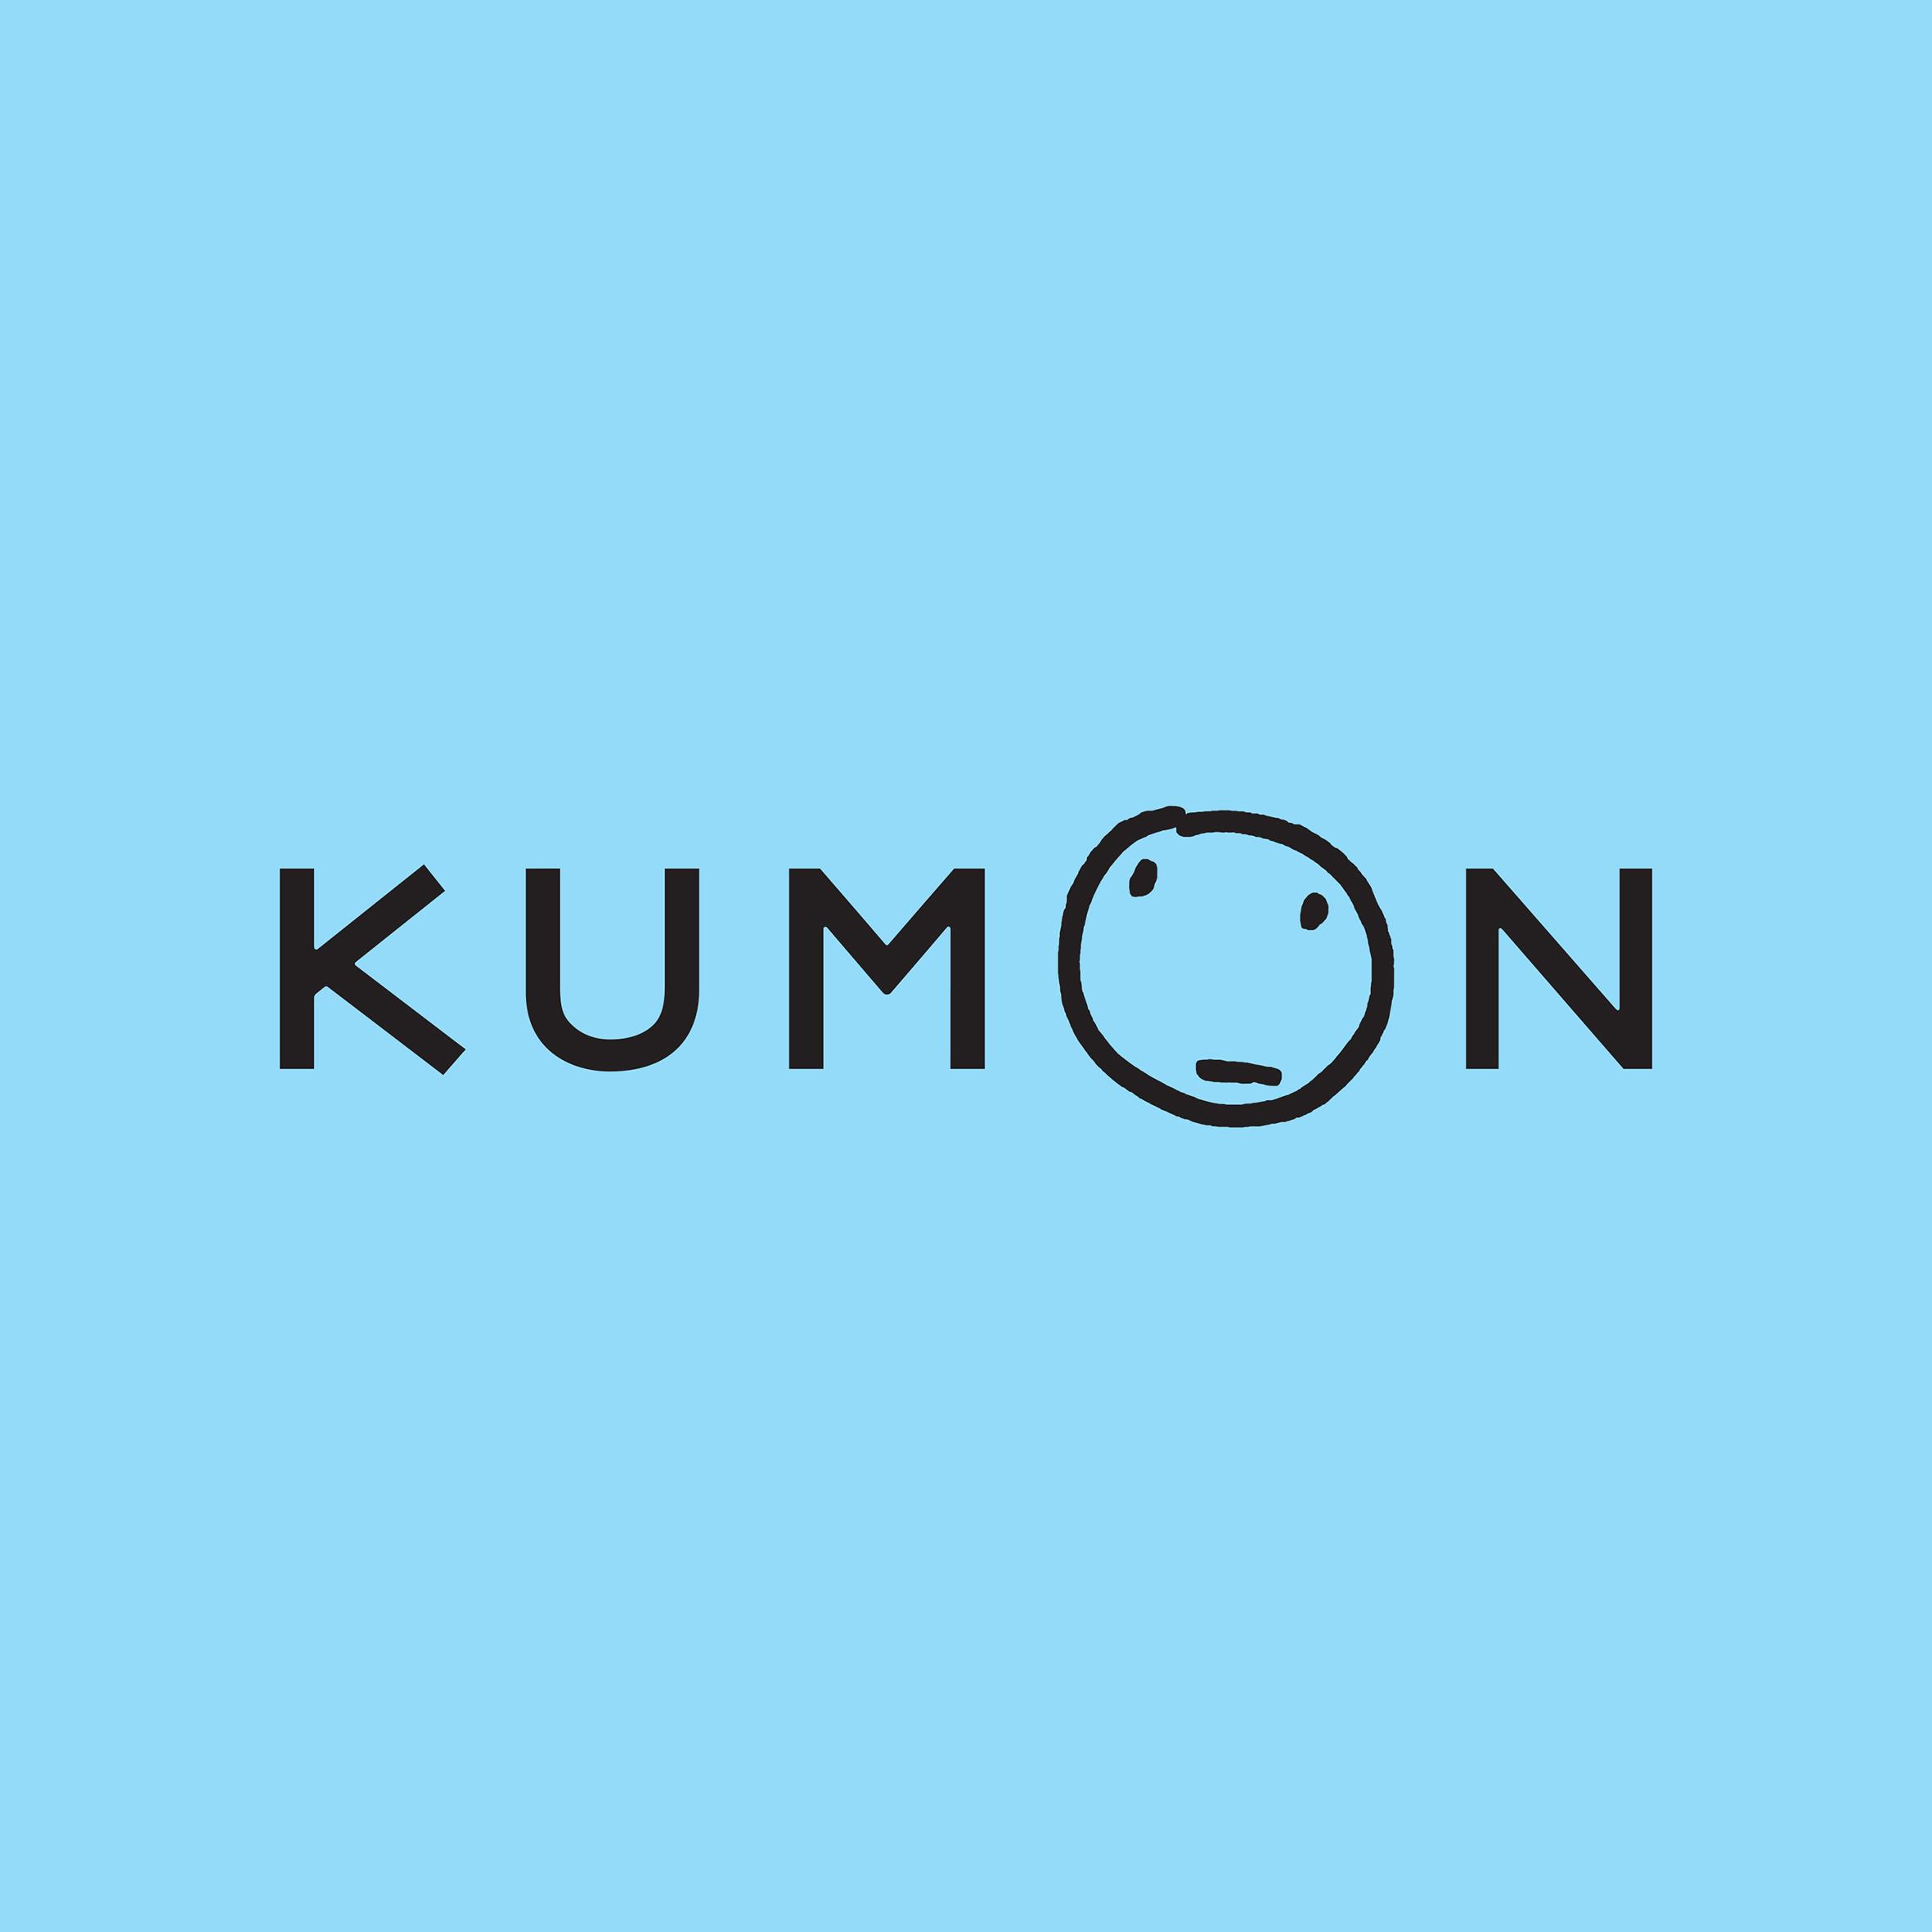 Kumon-Corporate-Logo-Square.jpg